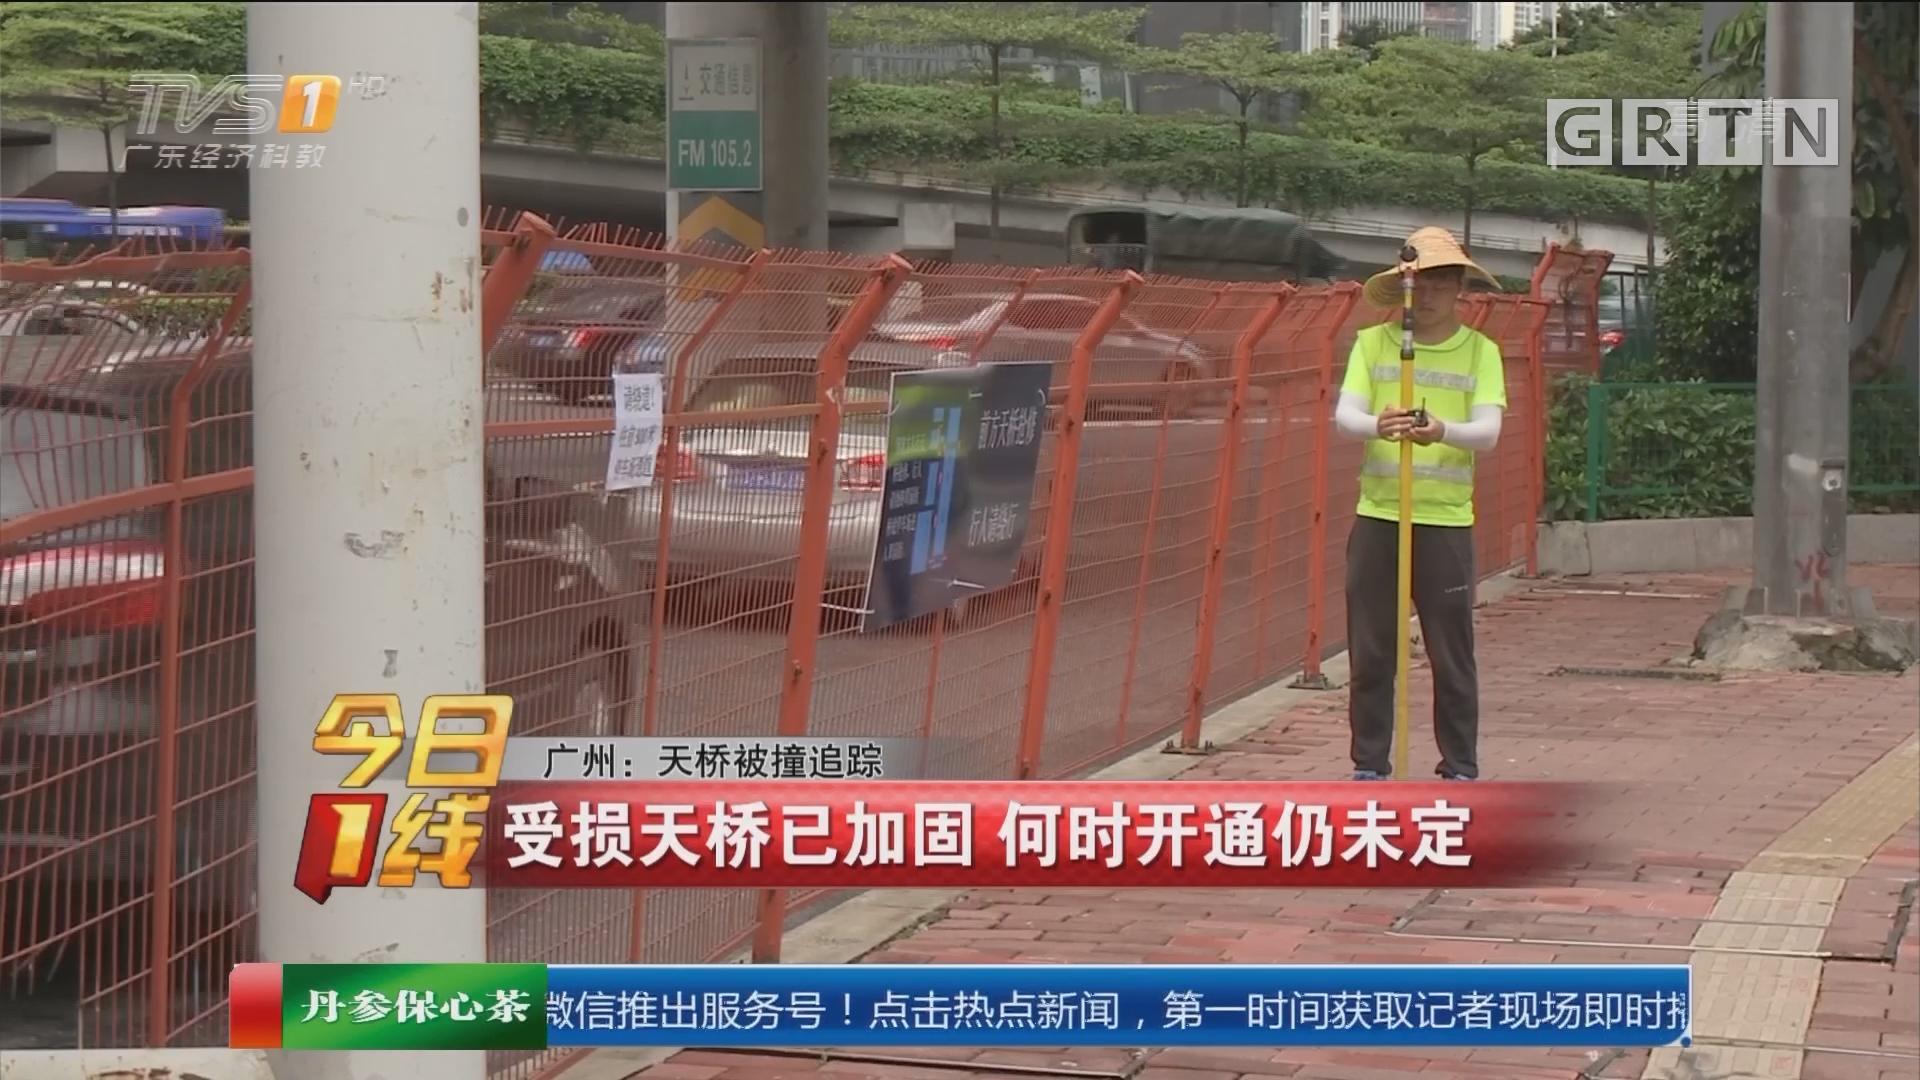 广州:天桥被撞追踪 受损天桥已加固 何时开通仍未定